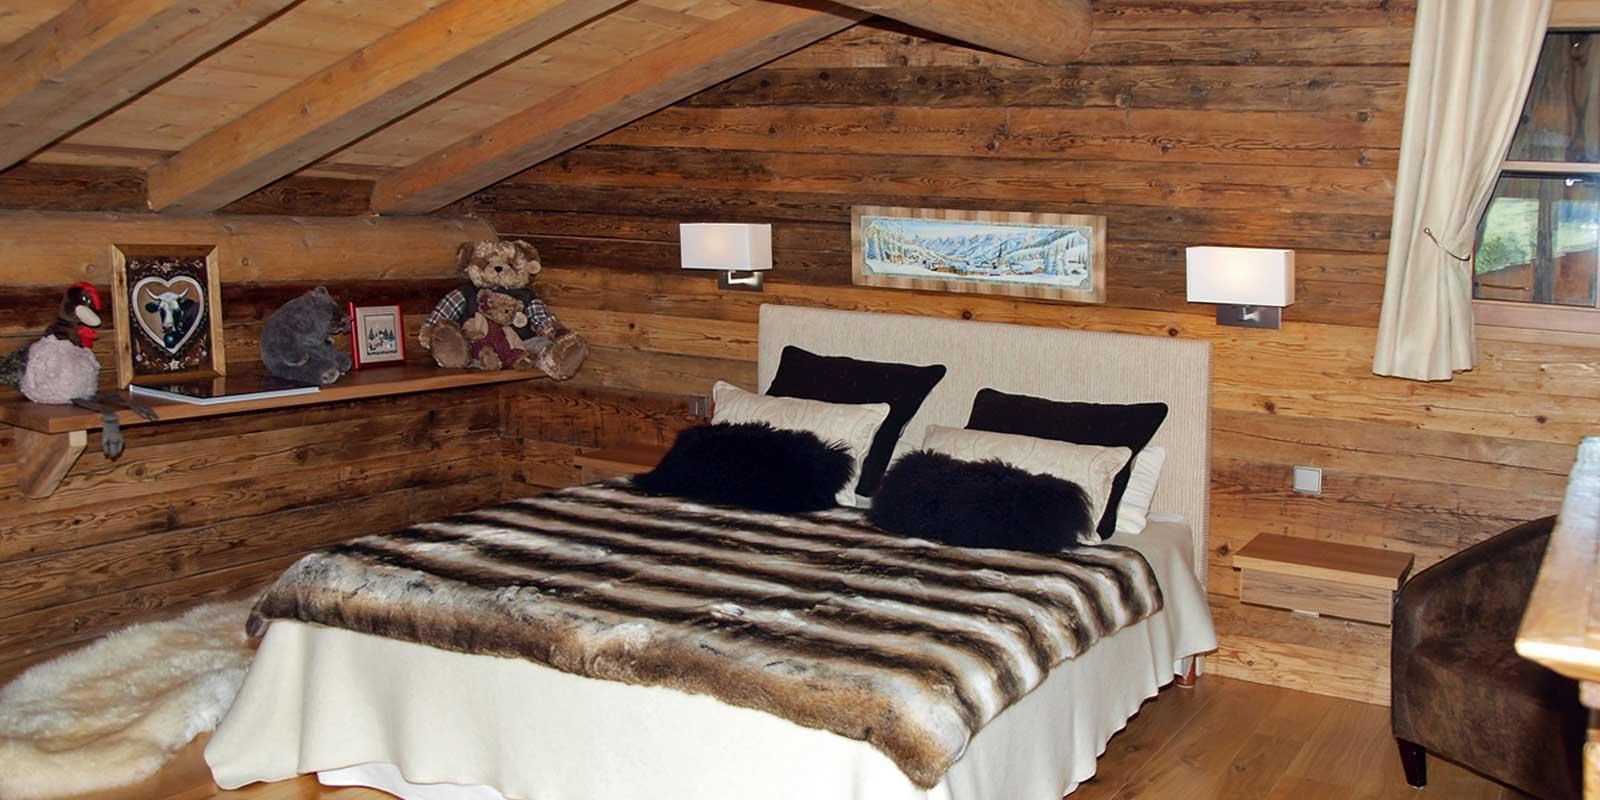 decoration chalet interieur d coration int rieur chalet montagne 50 id es inspirantes d